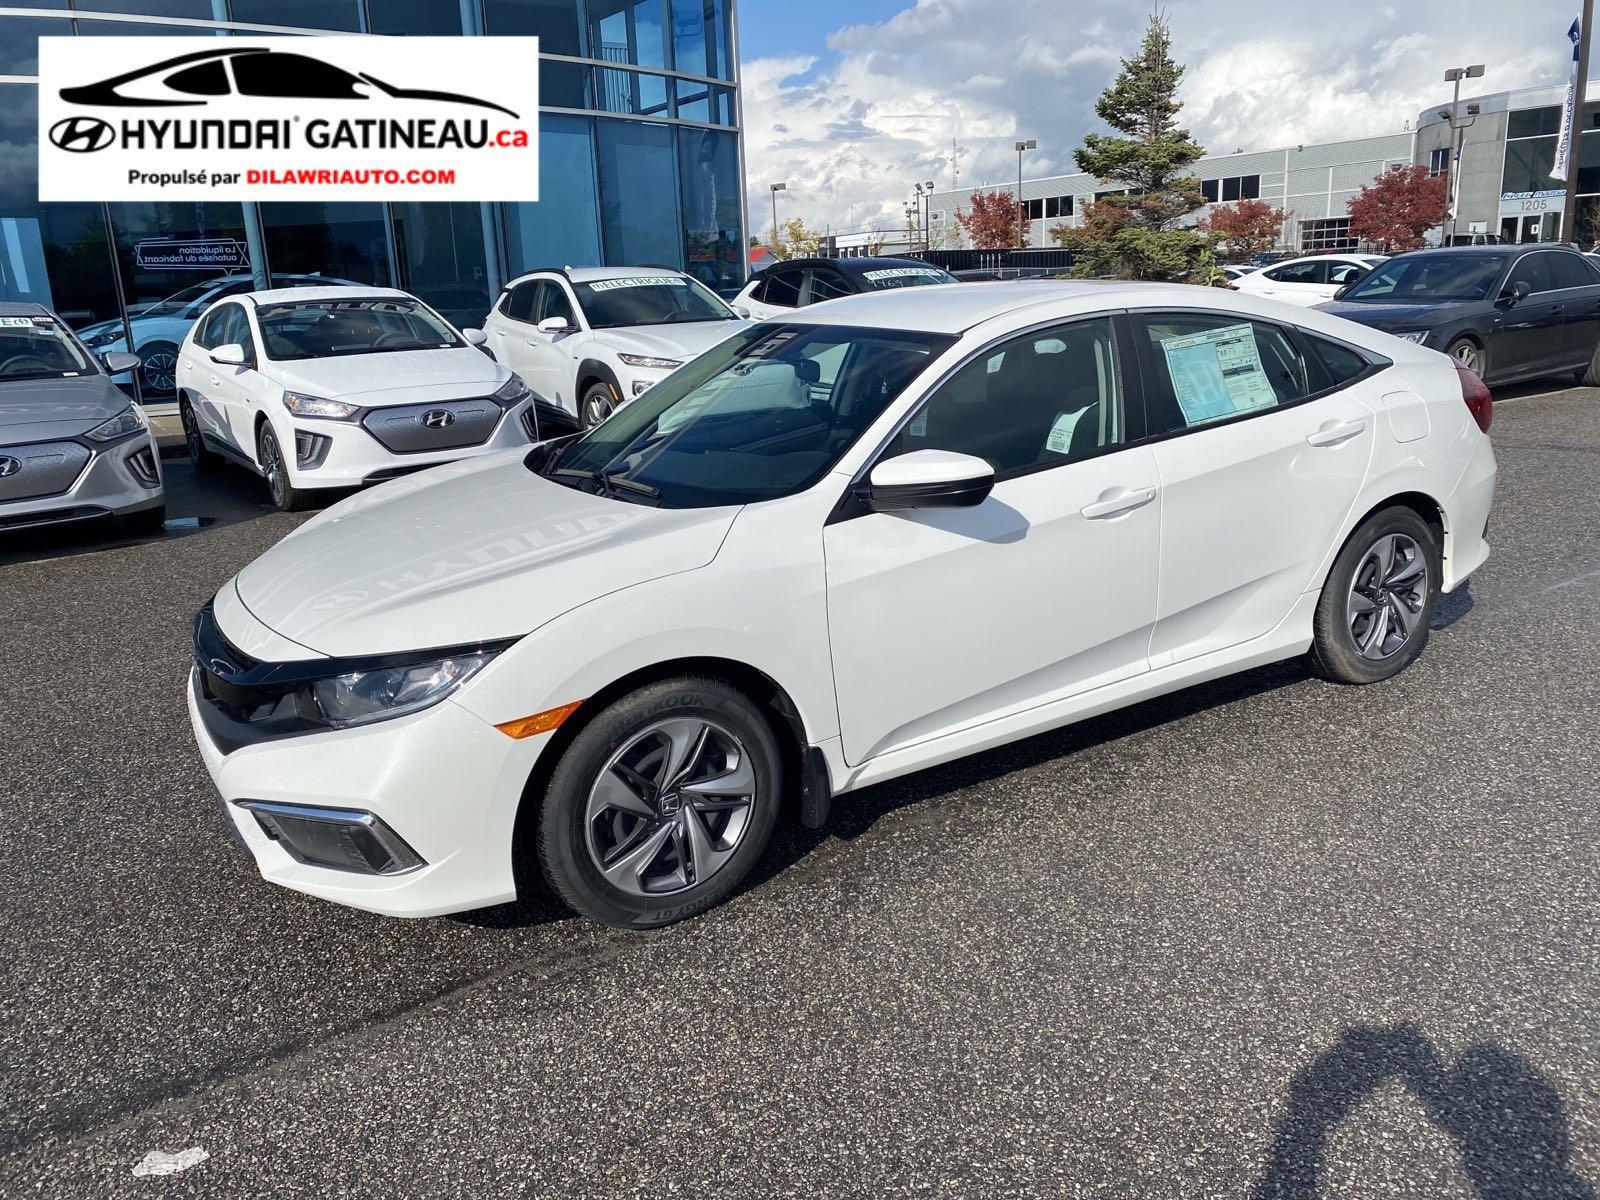 Honda Civic Sedan 4dr Car - 2019